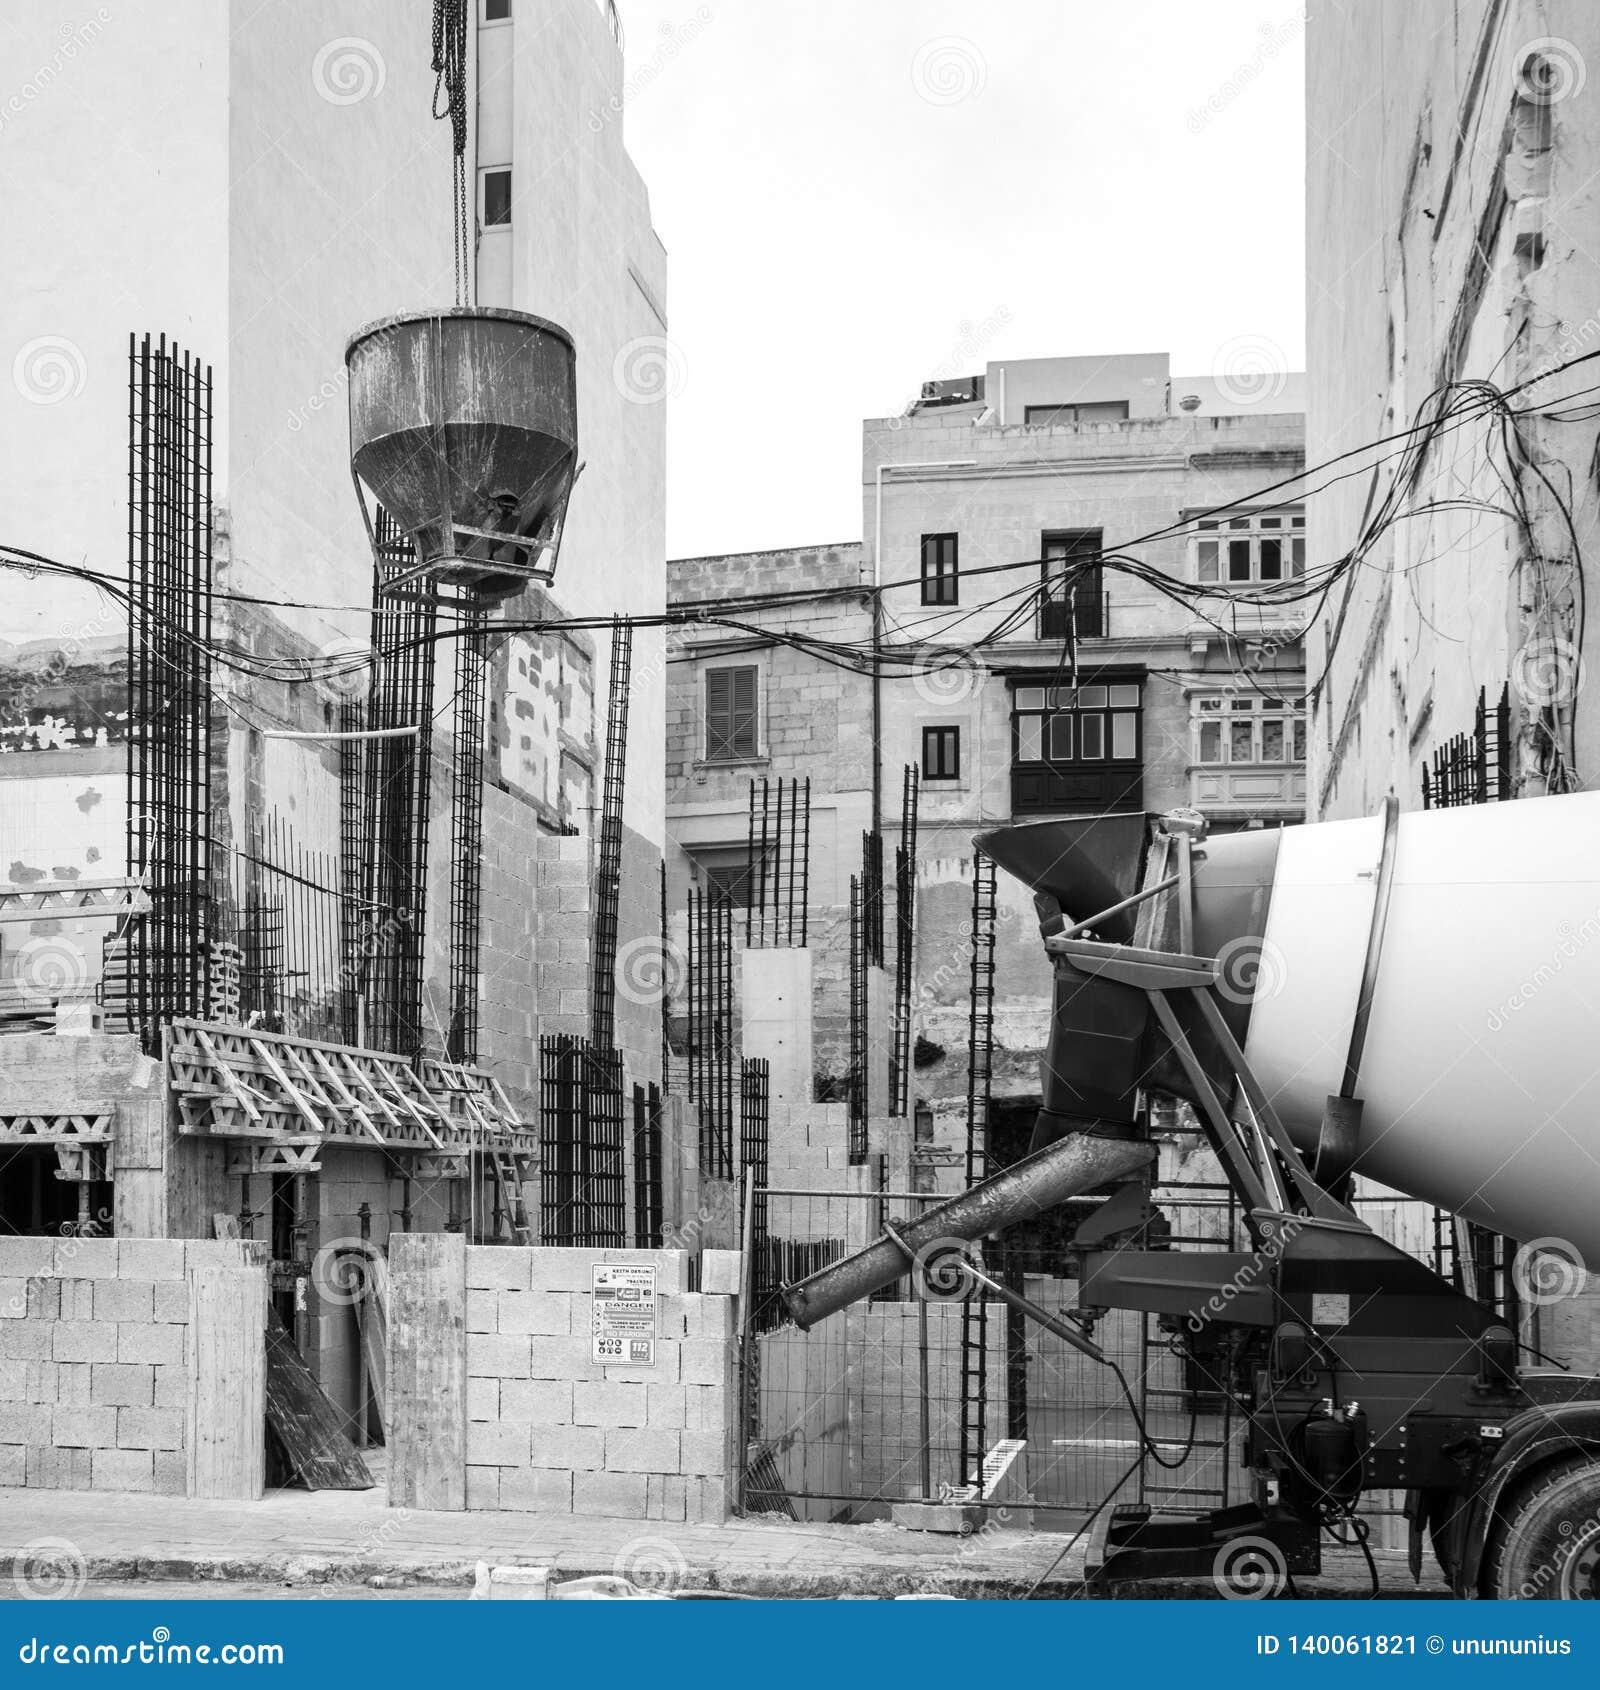 Het huis in aanbouw is aan de gang zijnde met de bouw van materiaal in de voorzijde, Julian St, Malta